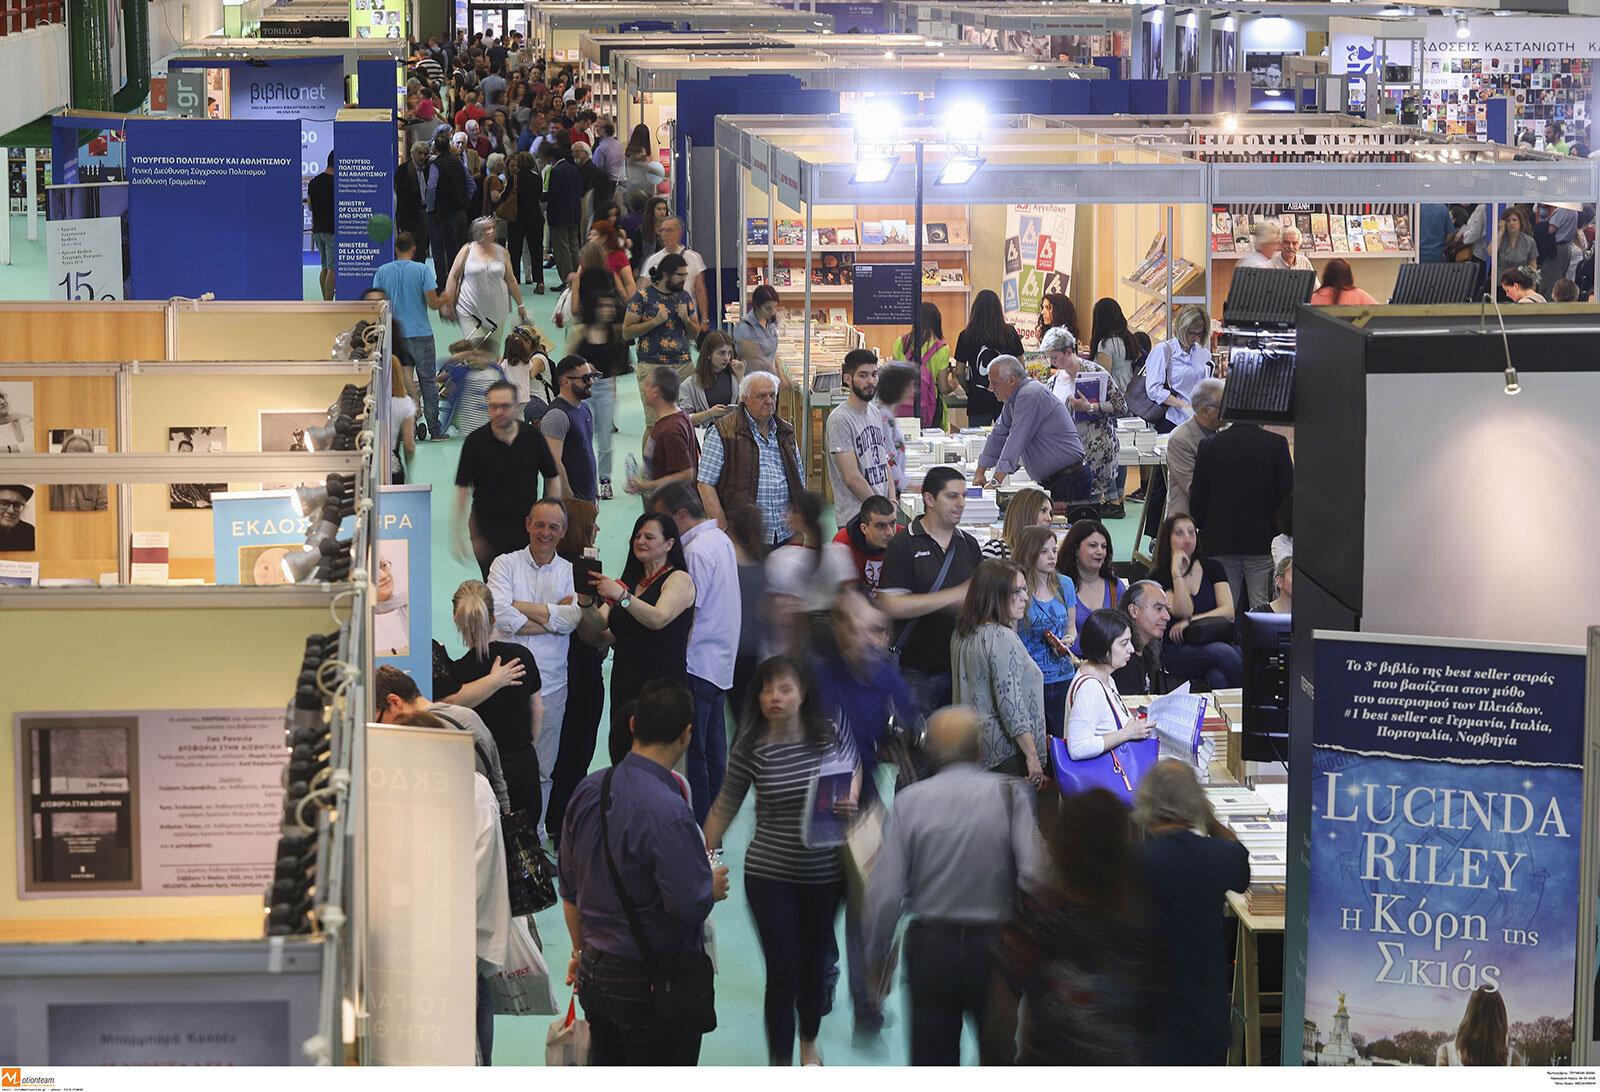 Διεθνής Έκθεση Βιβλίου Θεσσαλονίκης: 300 συγγραφείς, 250 εκδότες και τιμώμενη η Ισπανόφωνη